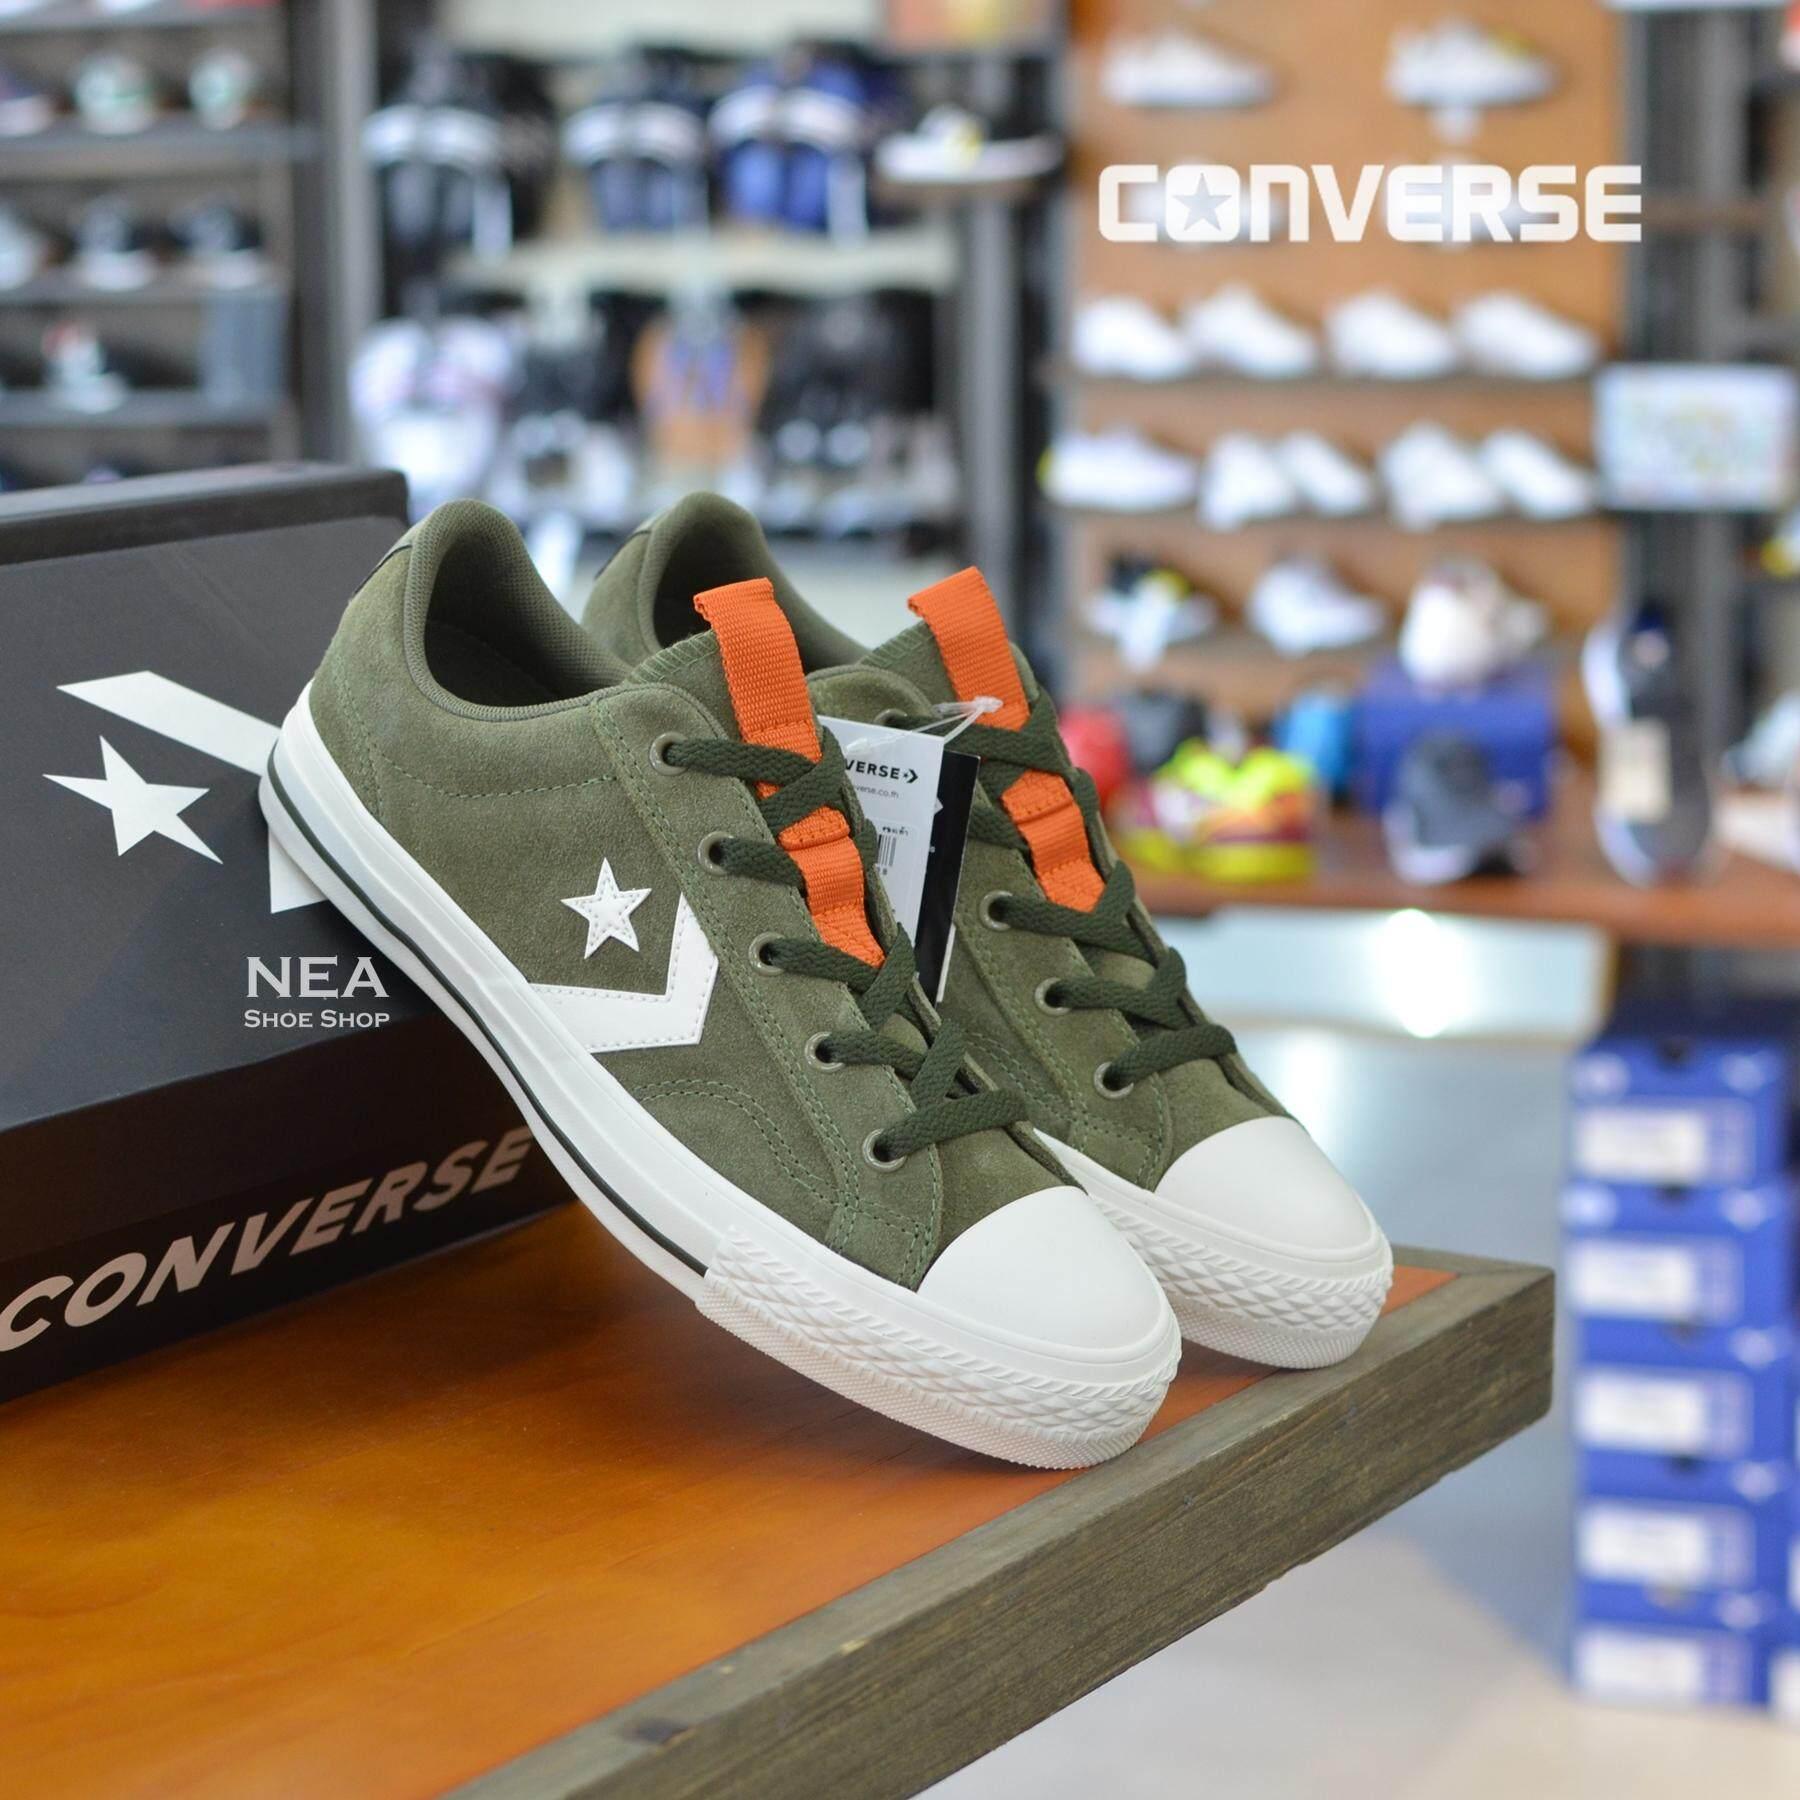 นครนายก [ลิขสิทธิ์แท้] Converse Star Player (Suede) ox สี เขียว/ส้ม รองเท้าผ้าใบ